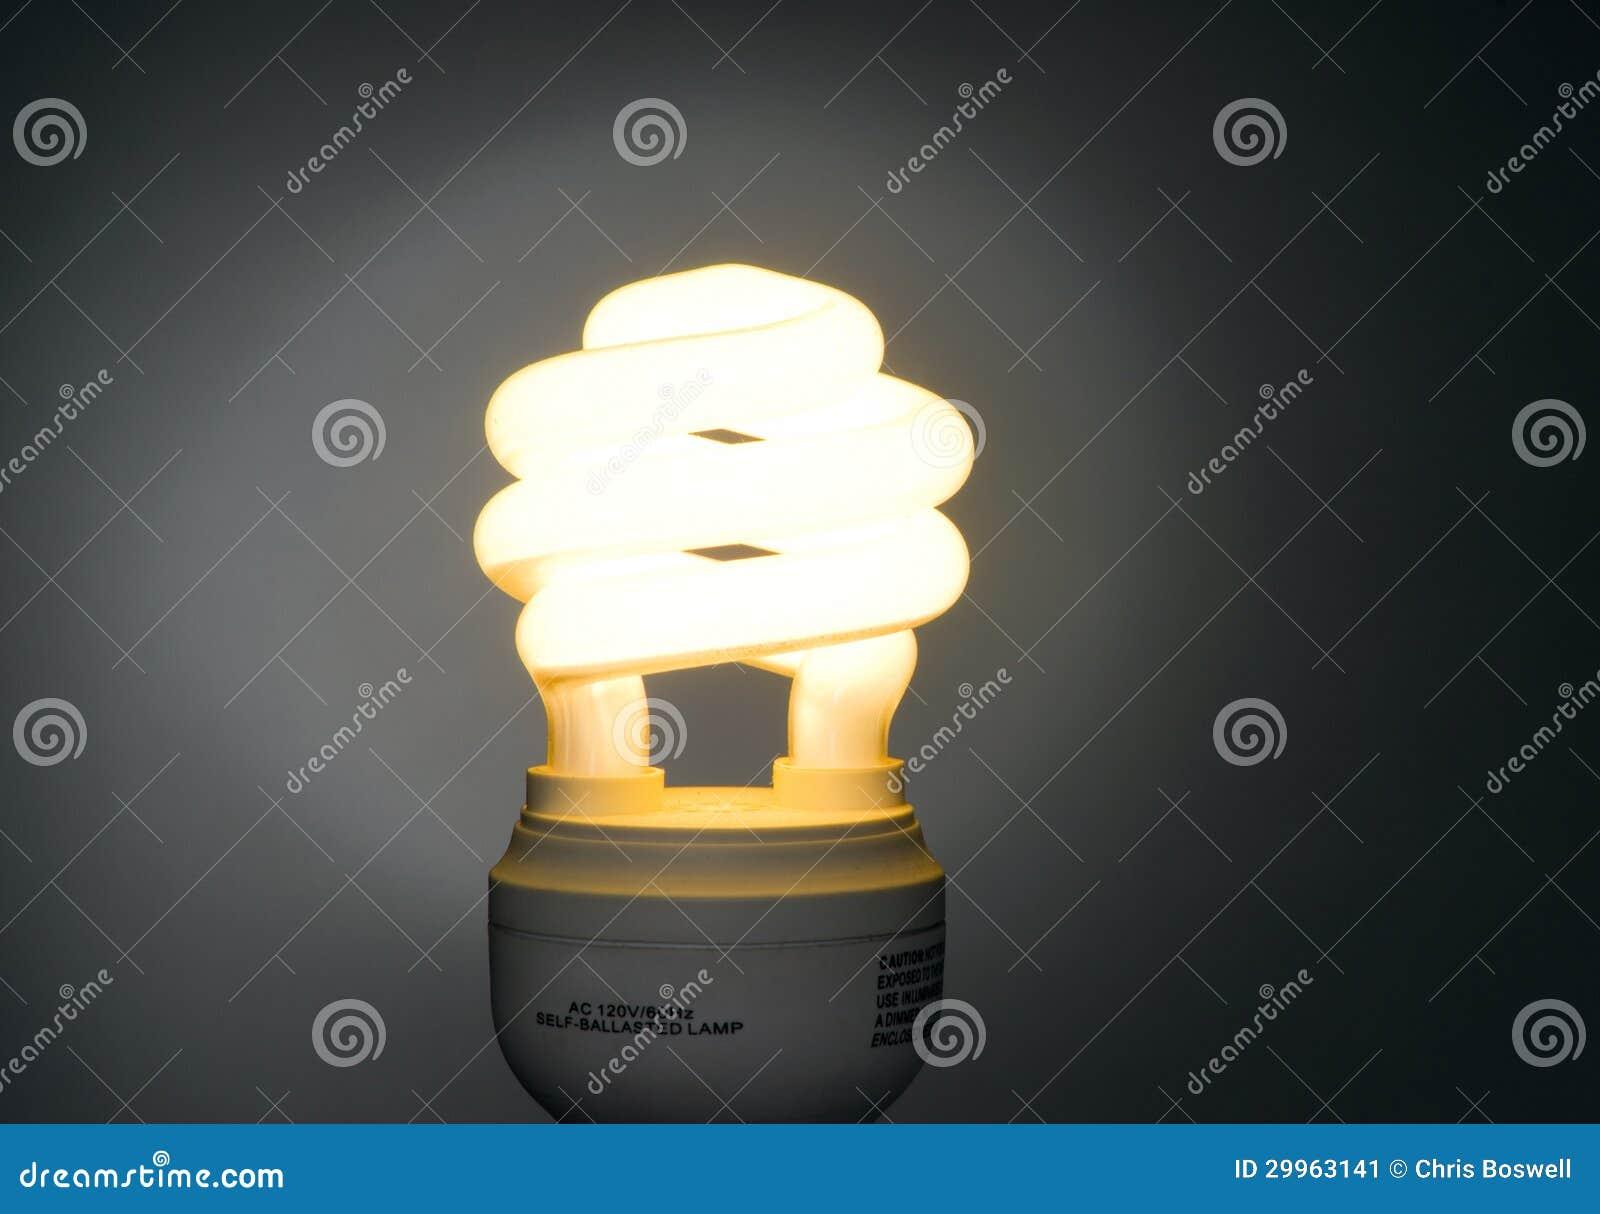 De warme bol met weinig watt van het neonlicht van de kleur zelf